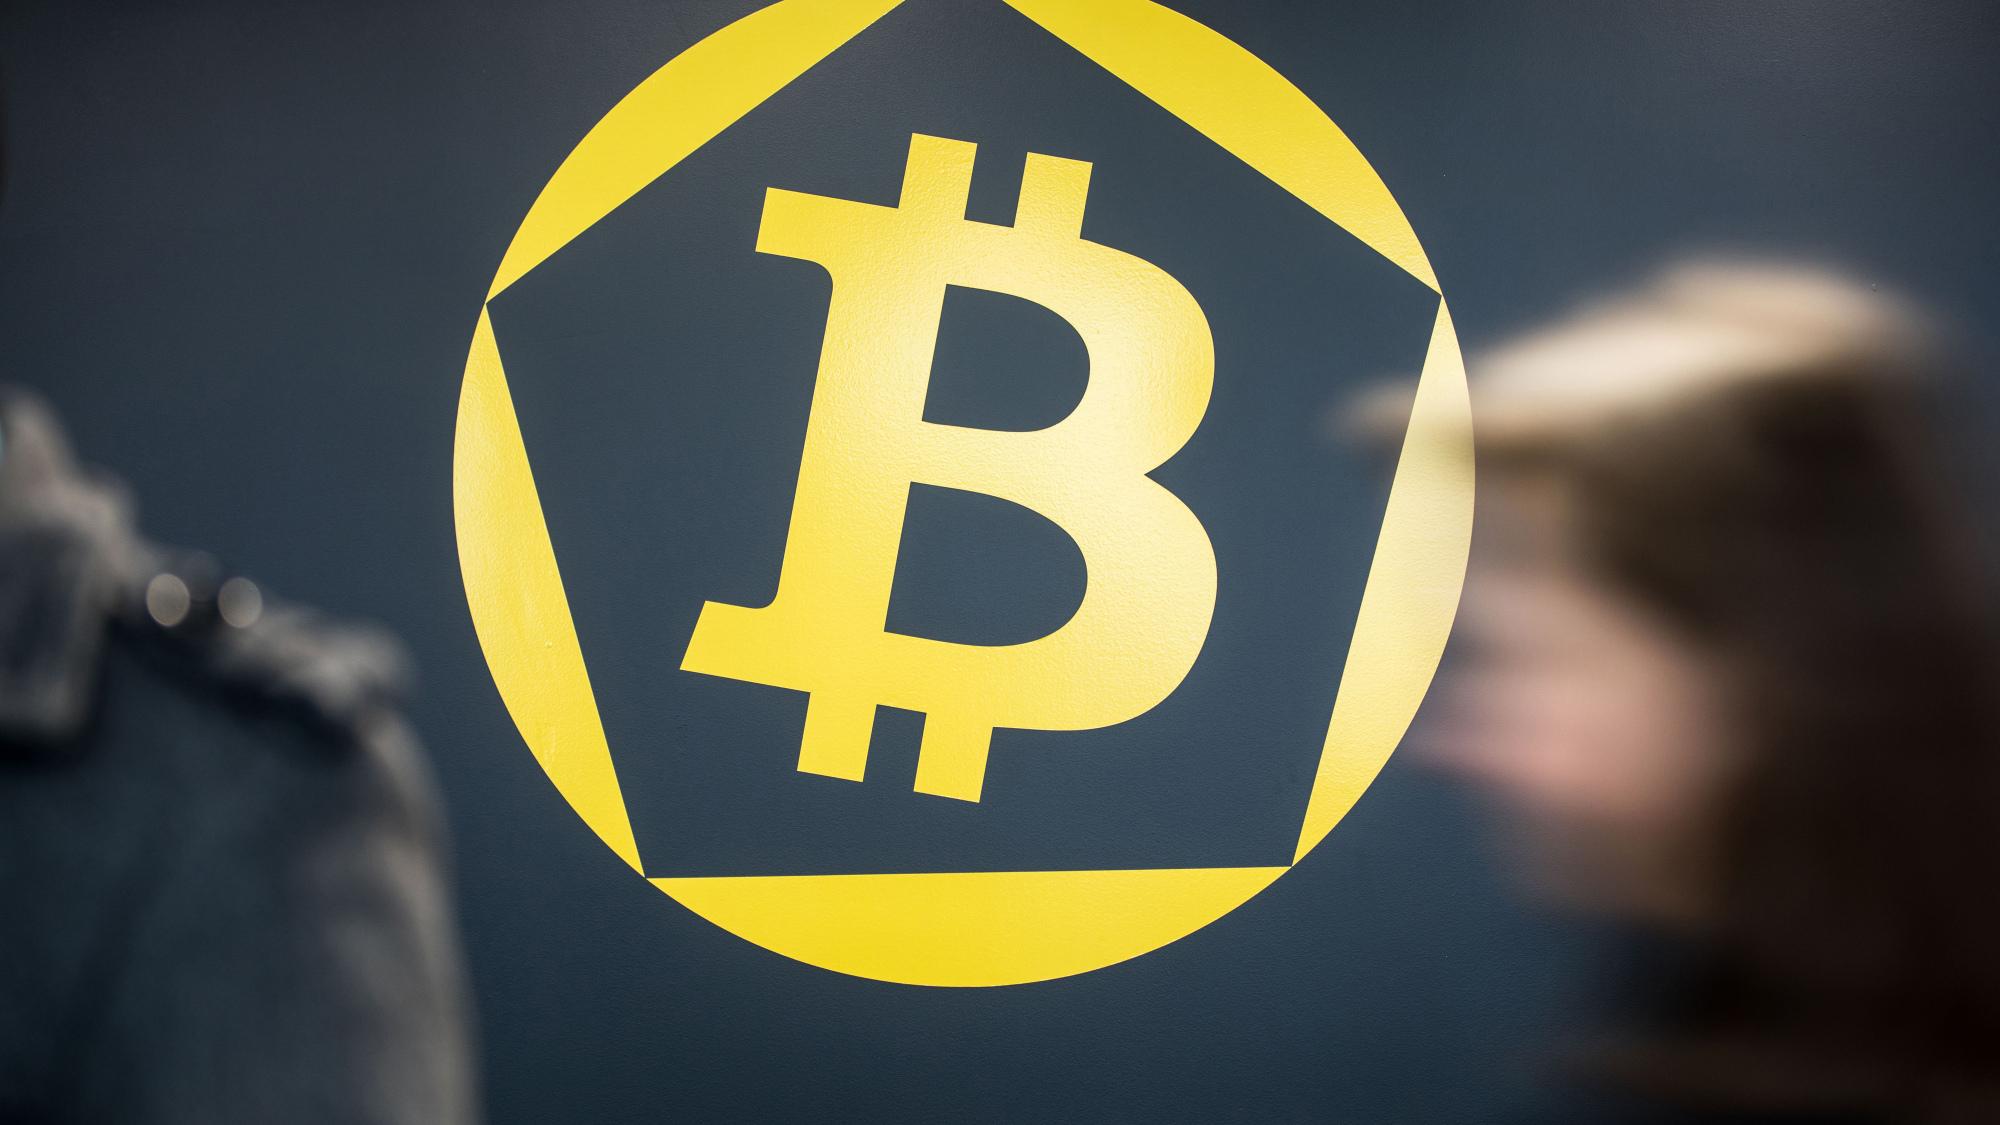 Bitcoin logóról kép bejegyzésbe